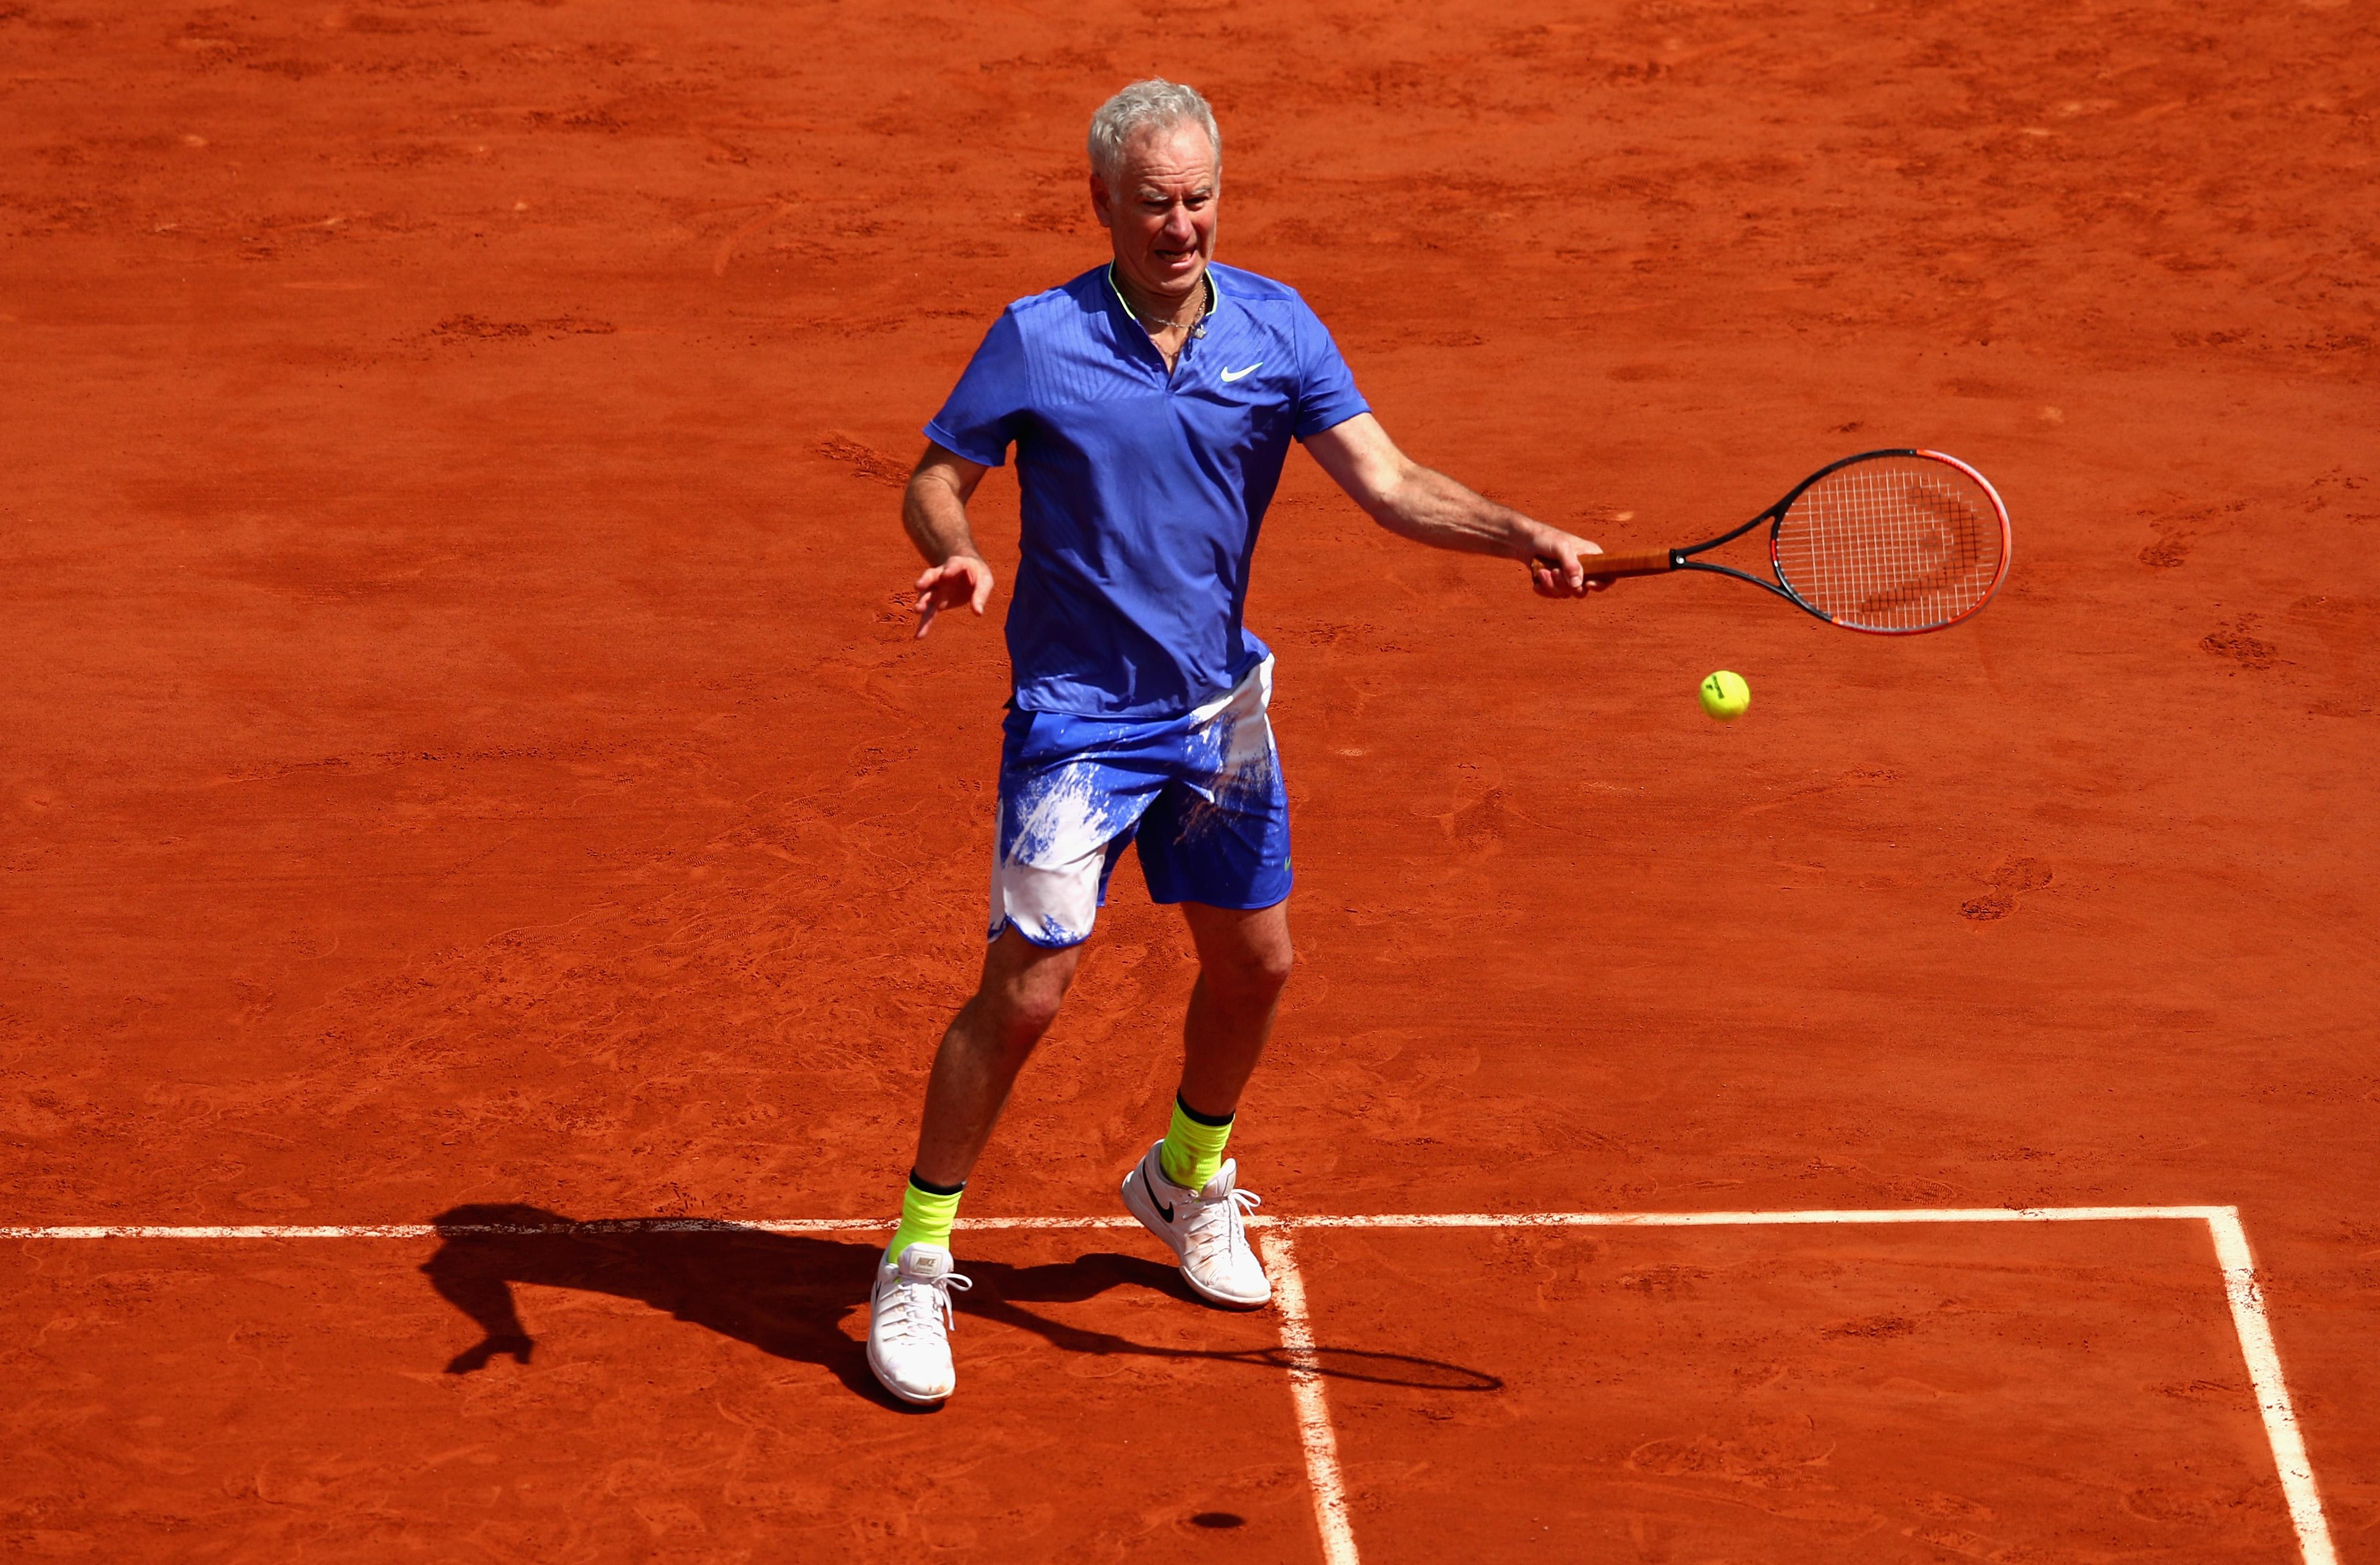 Der 58-jährige McEnroe steht selbst noch regelmäßig auf dem Court, wie bei den French Open in einem Legendenmatch gegen Pete Cash und Michael Chang.